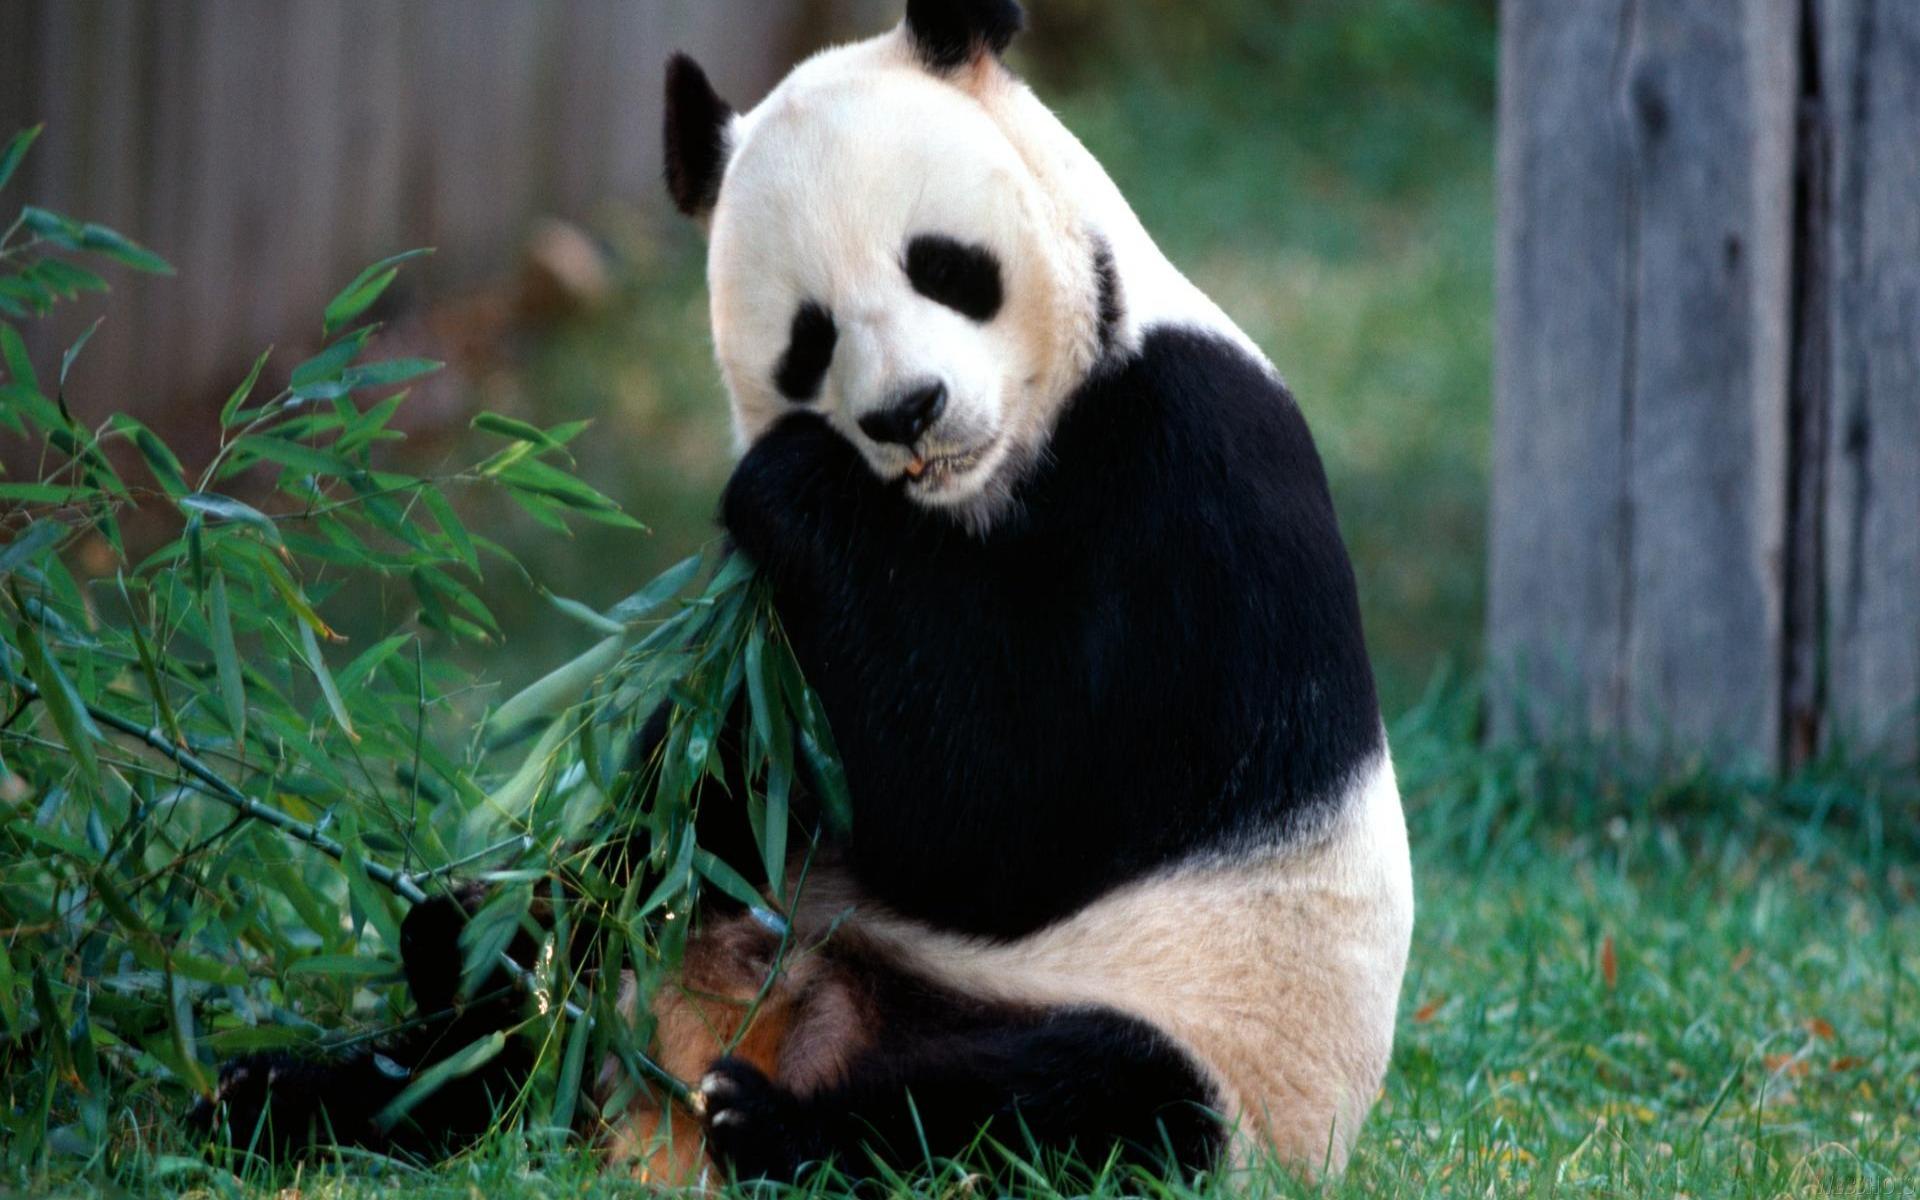 is a panda a bear